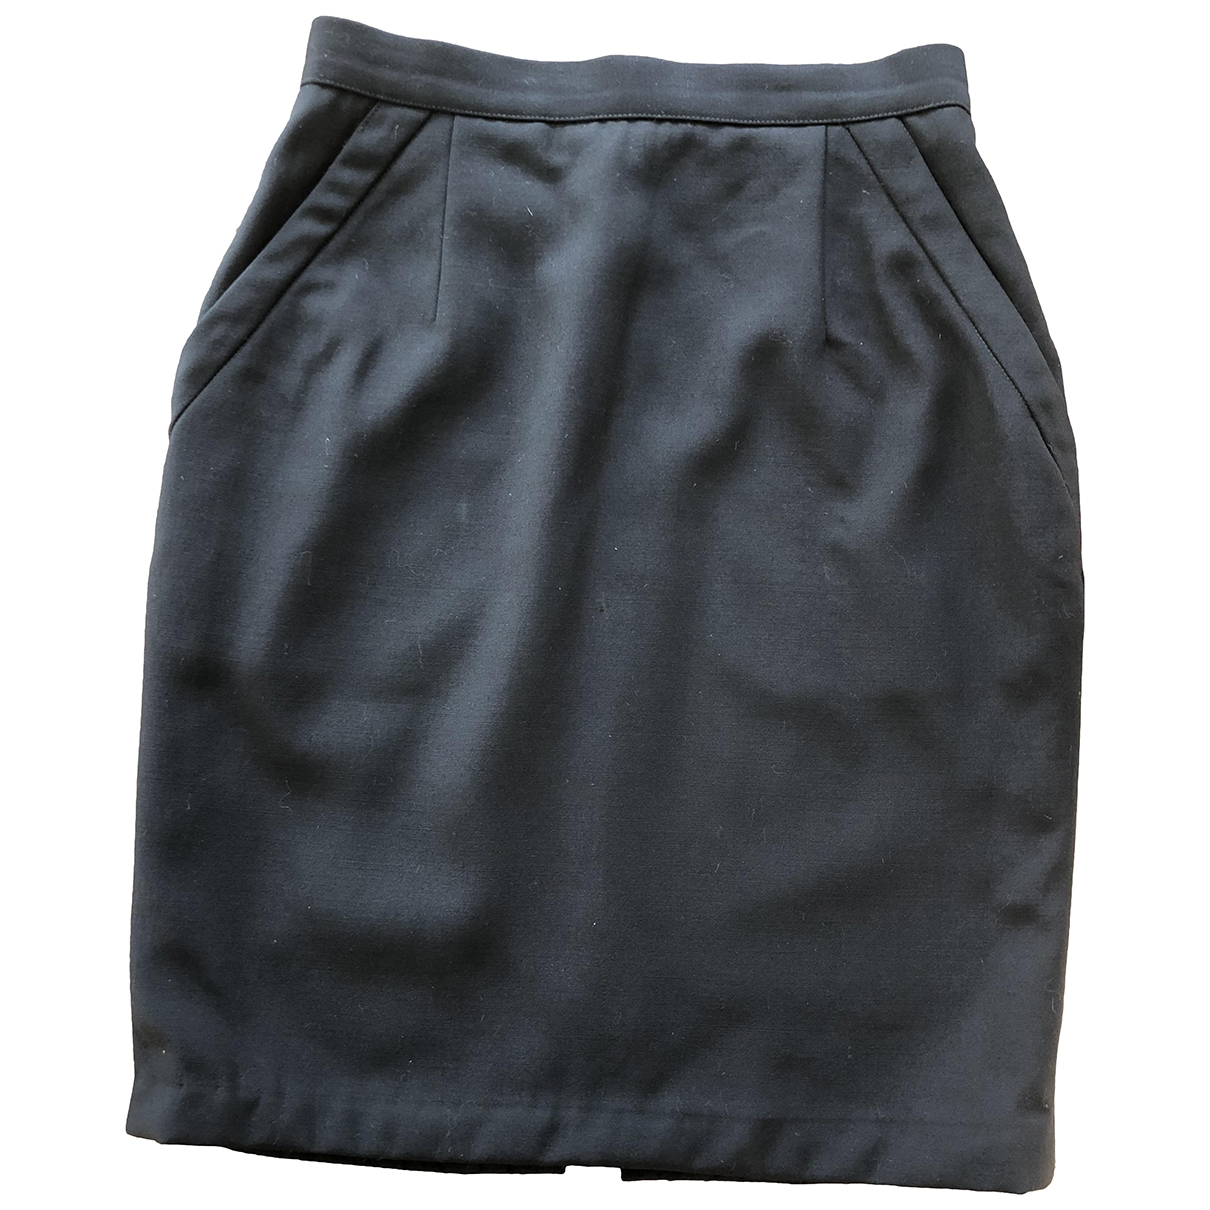 Valentino Garavani \N Black Wool skirt for Women 38 FR